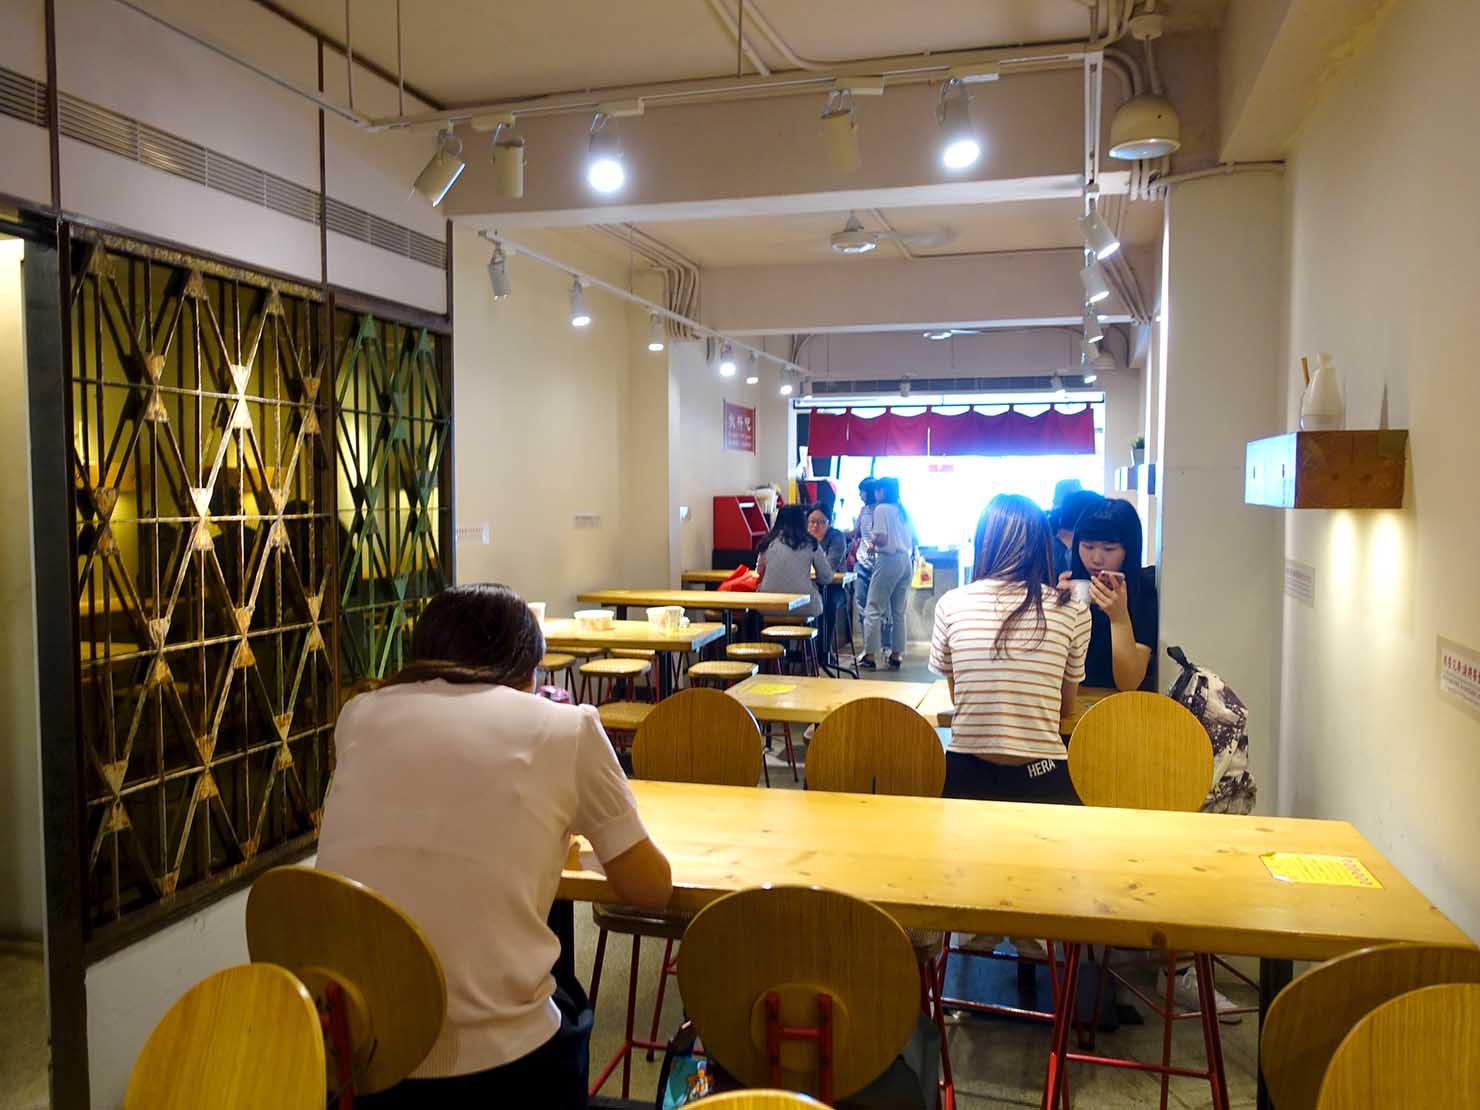 台北・師大夜市のおすすめ台湾グルメ店「師園鹹酥雞」の店内